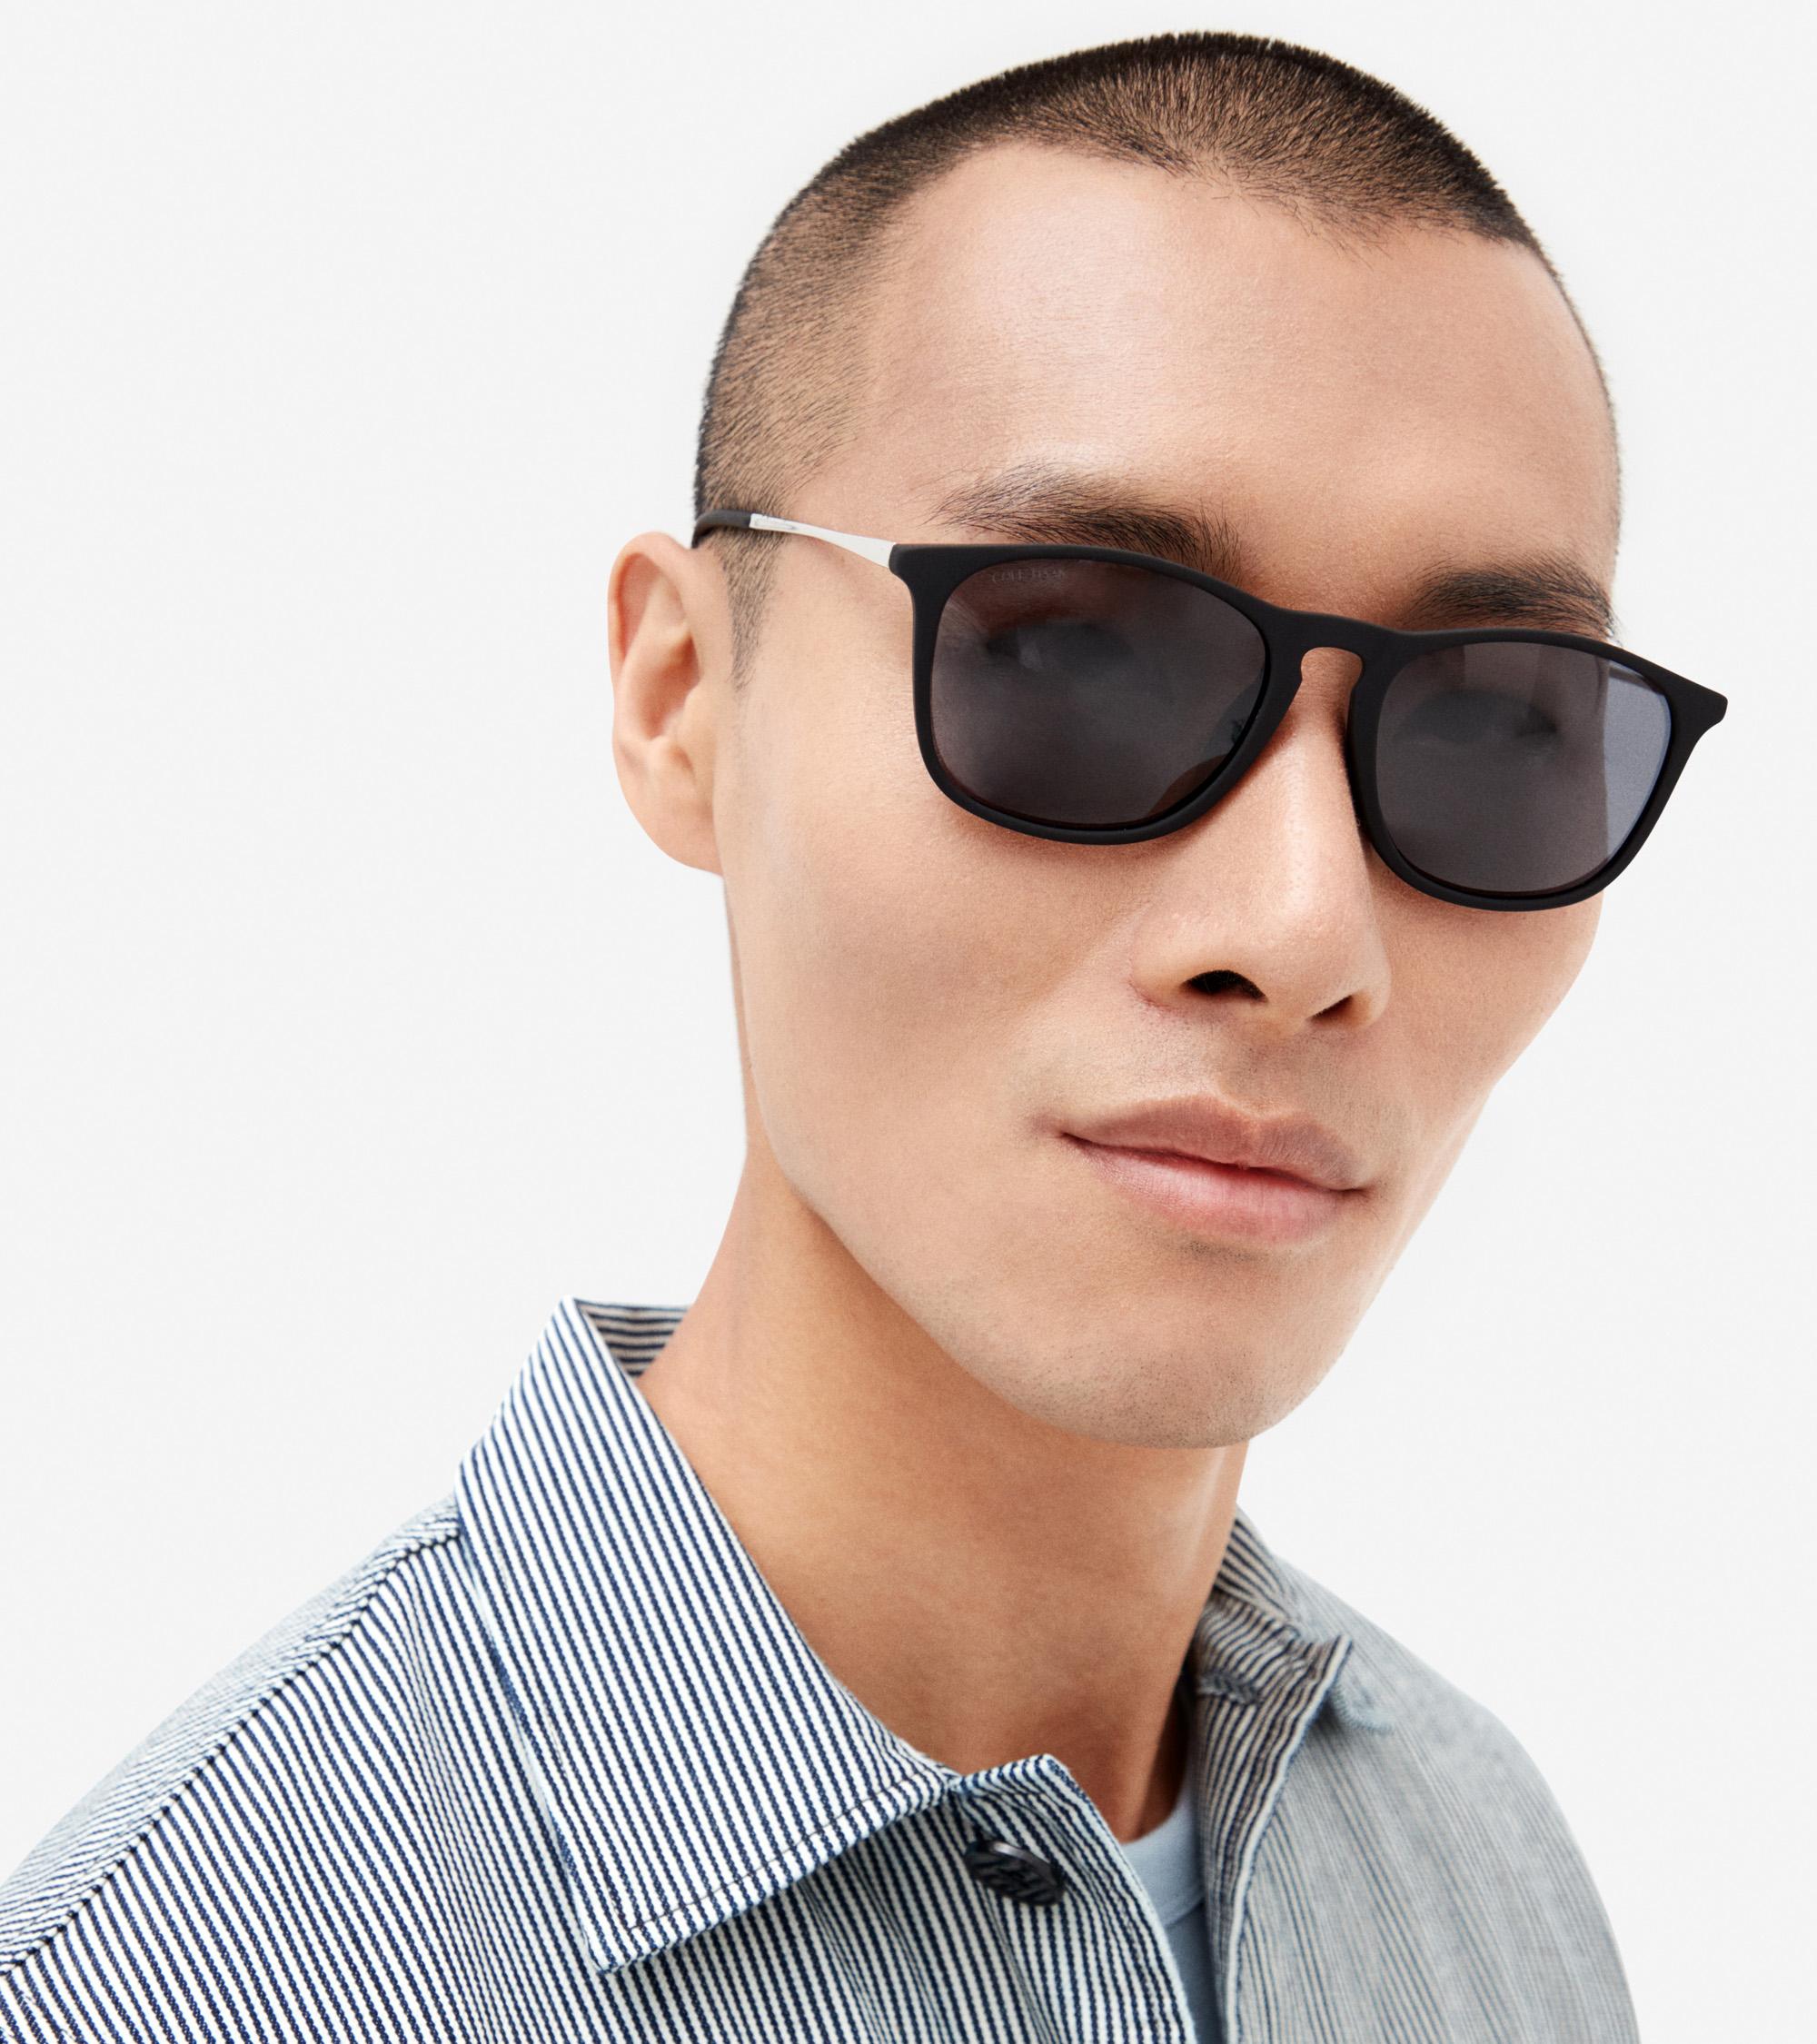 Men's Retro Square Sunglasses